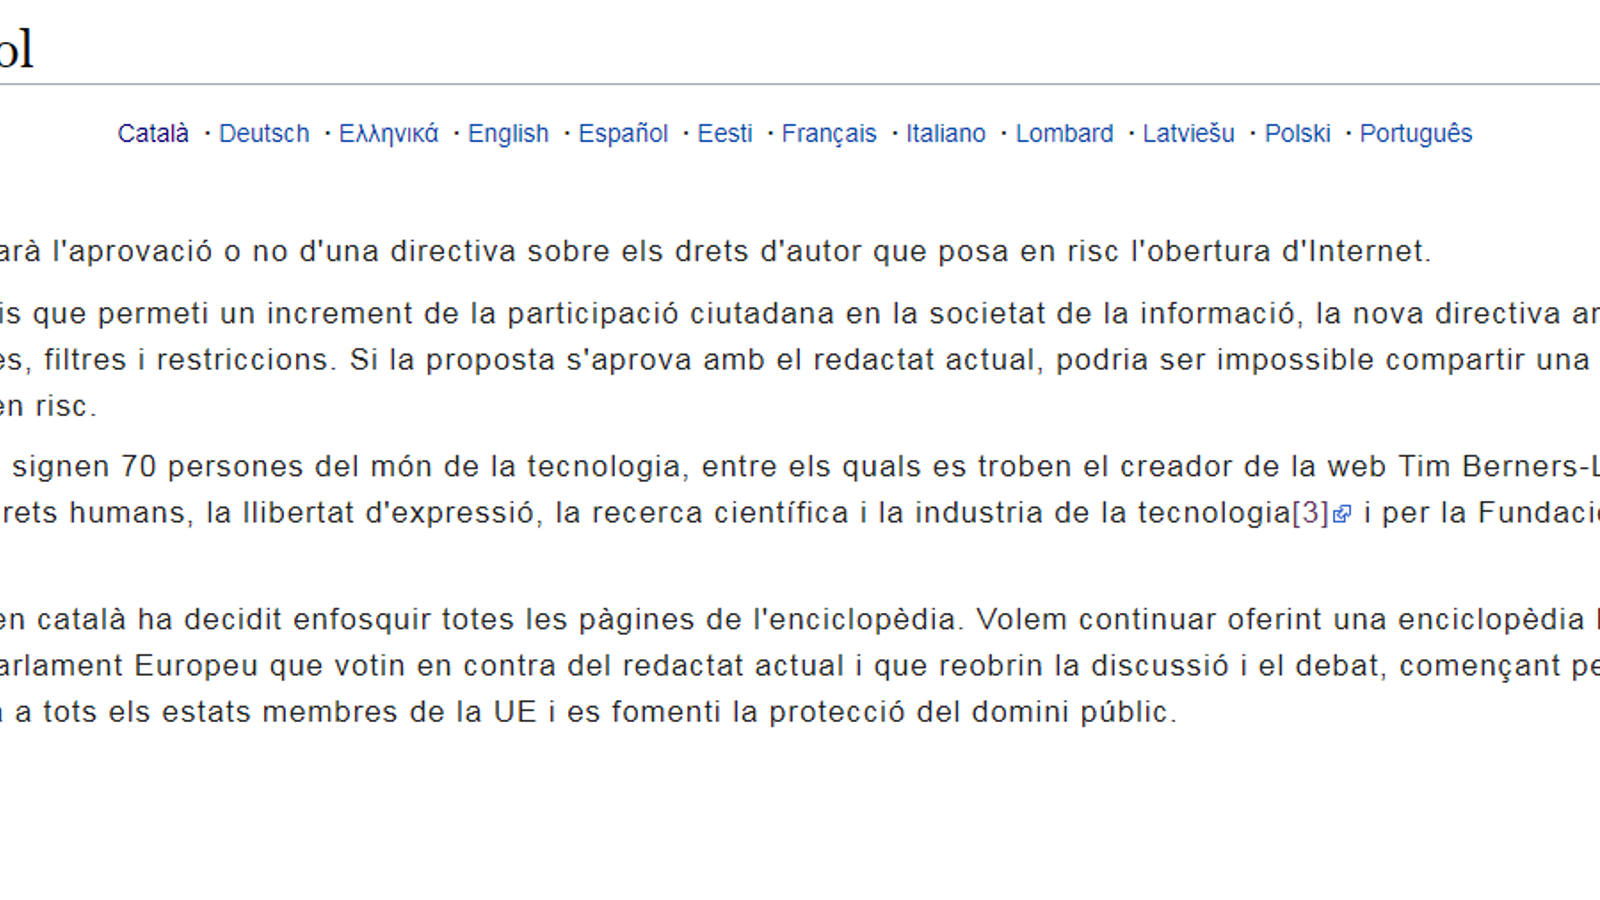 La Viquipèdia tanca temporalment contra la nova directiva europea de drets d'autor